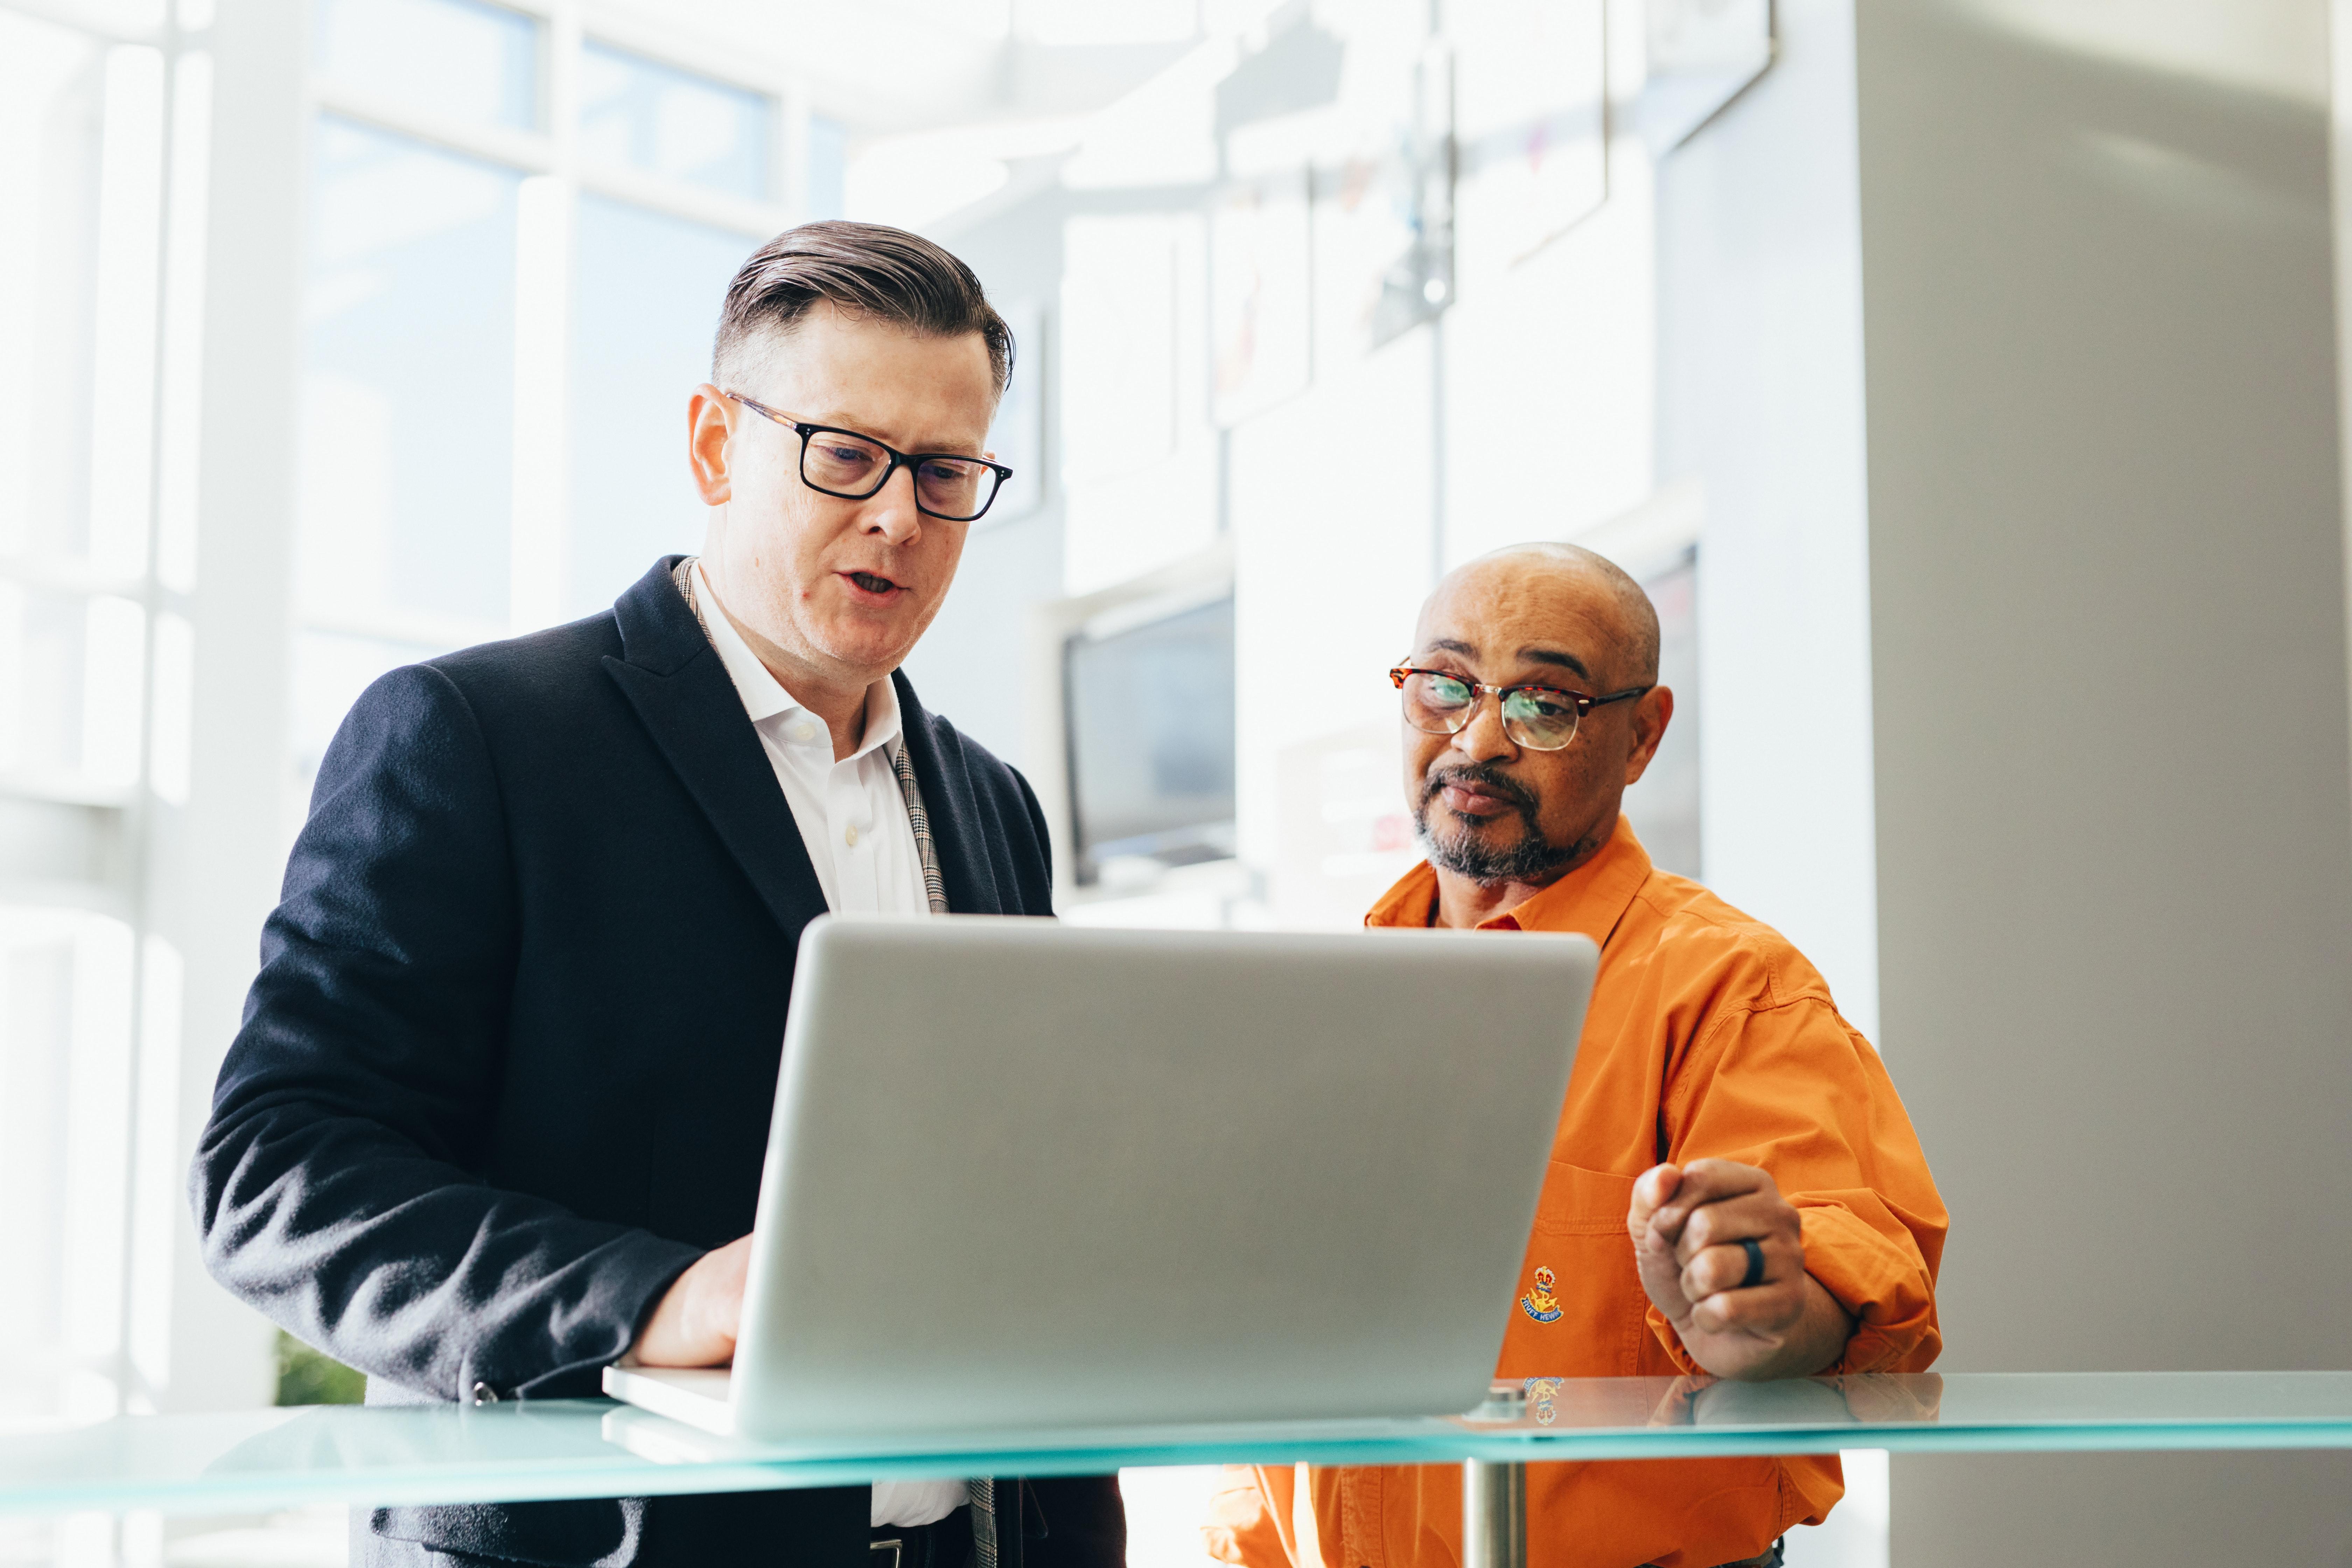 When should you fire an employee?